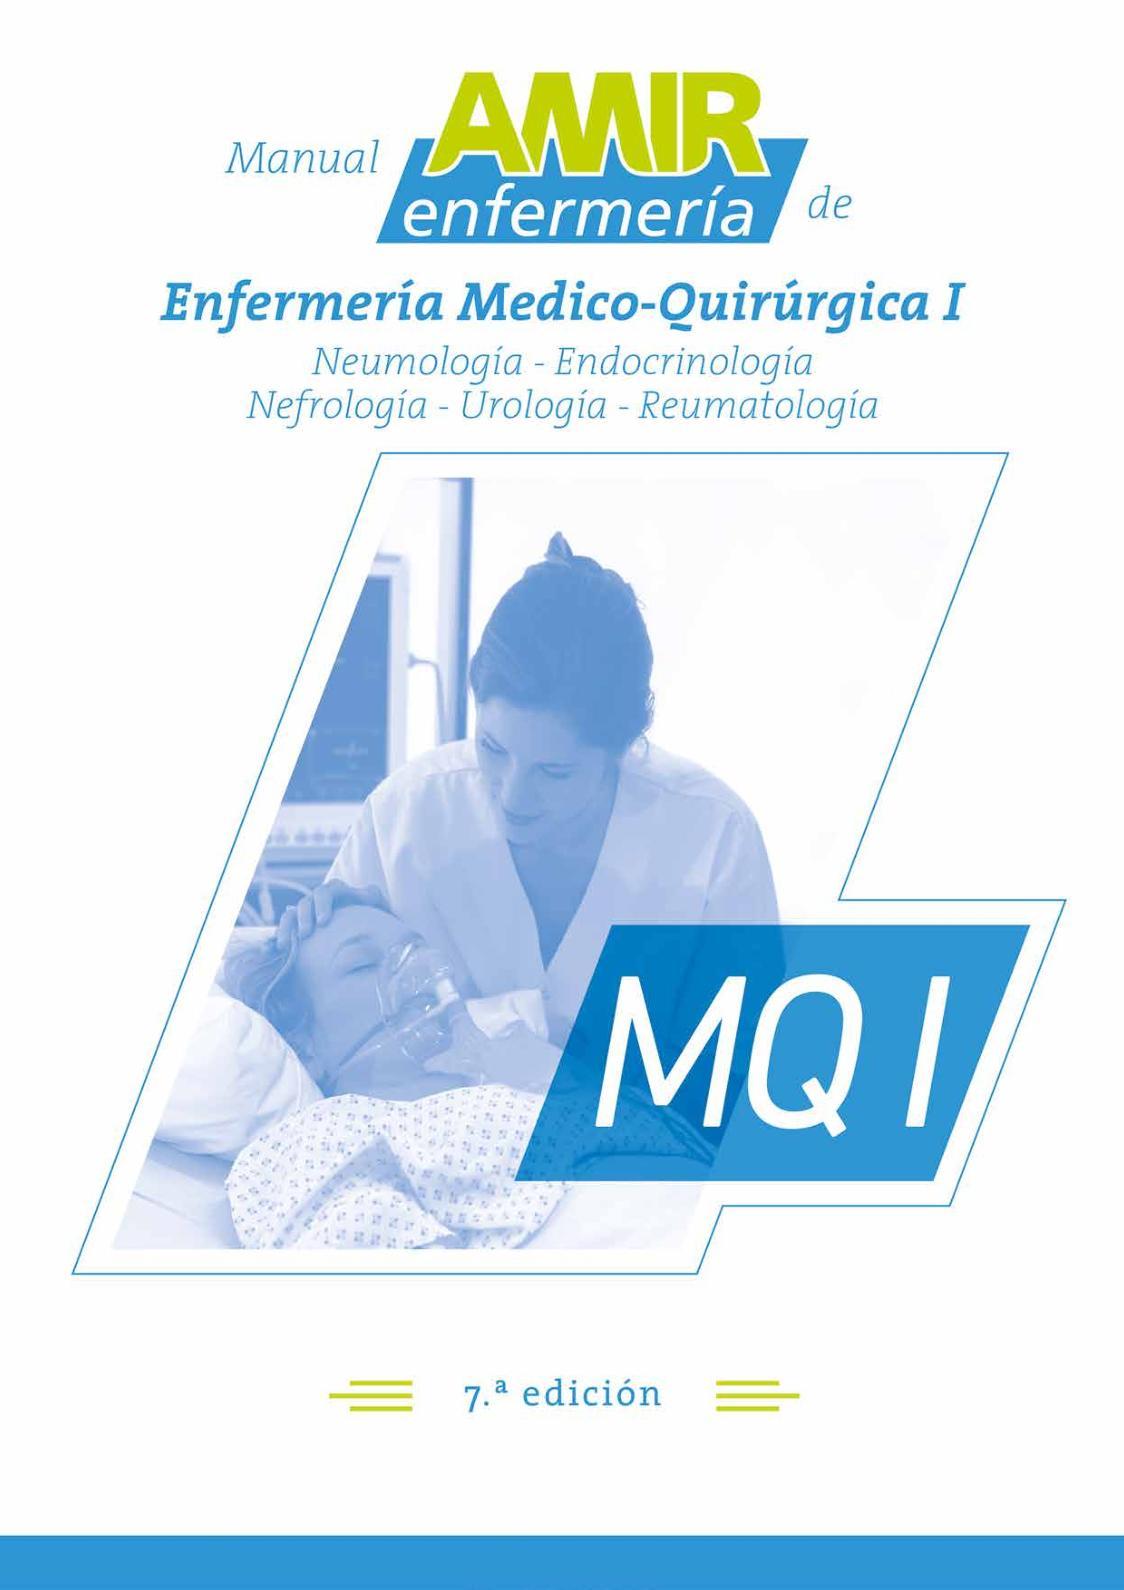 Manual de Enfermería Medico Quirúrgica I